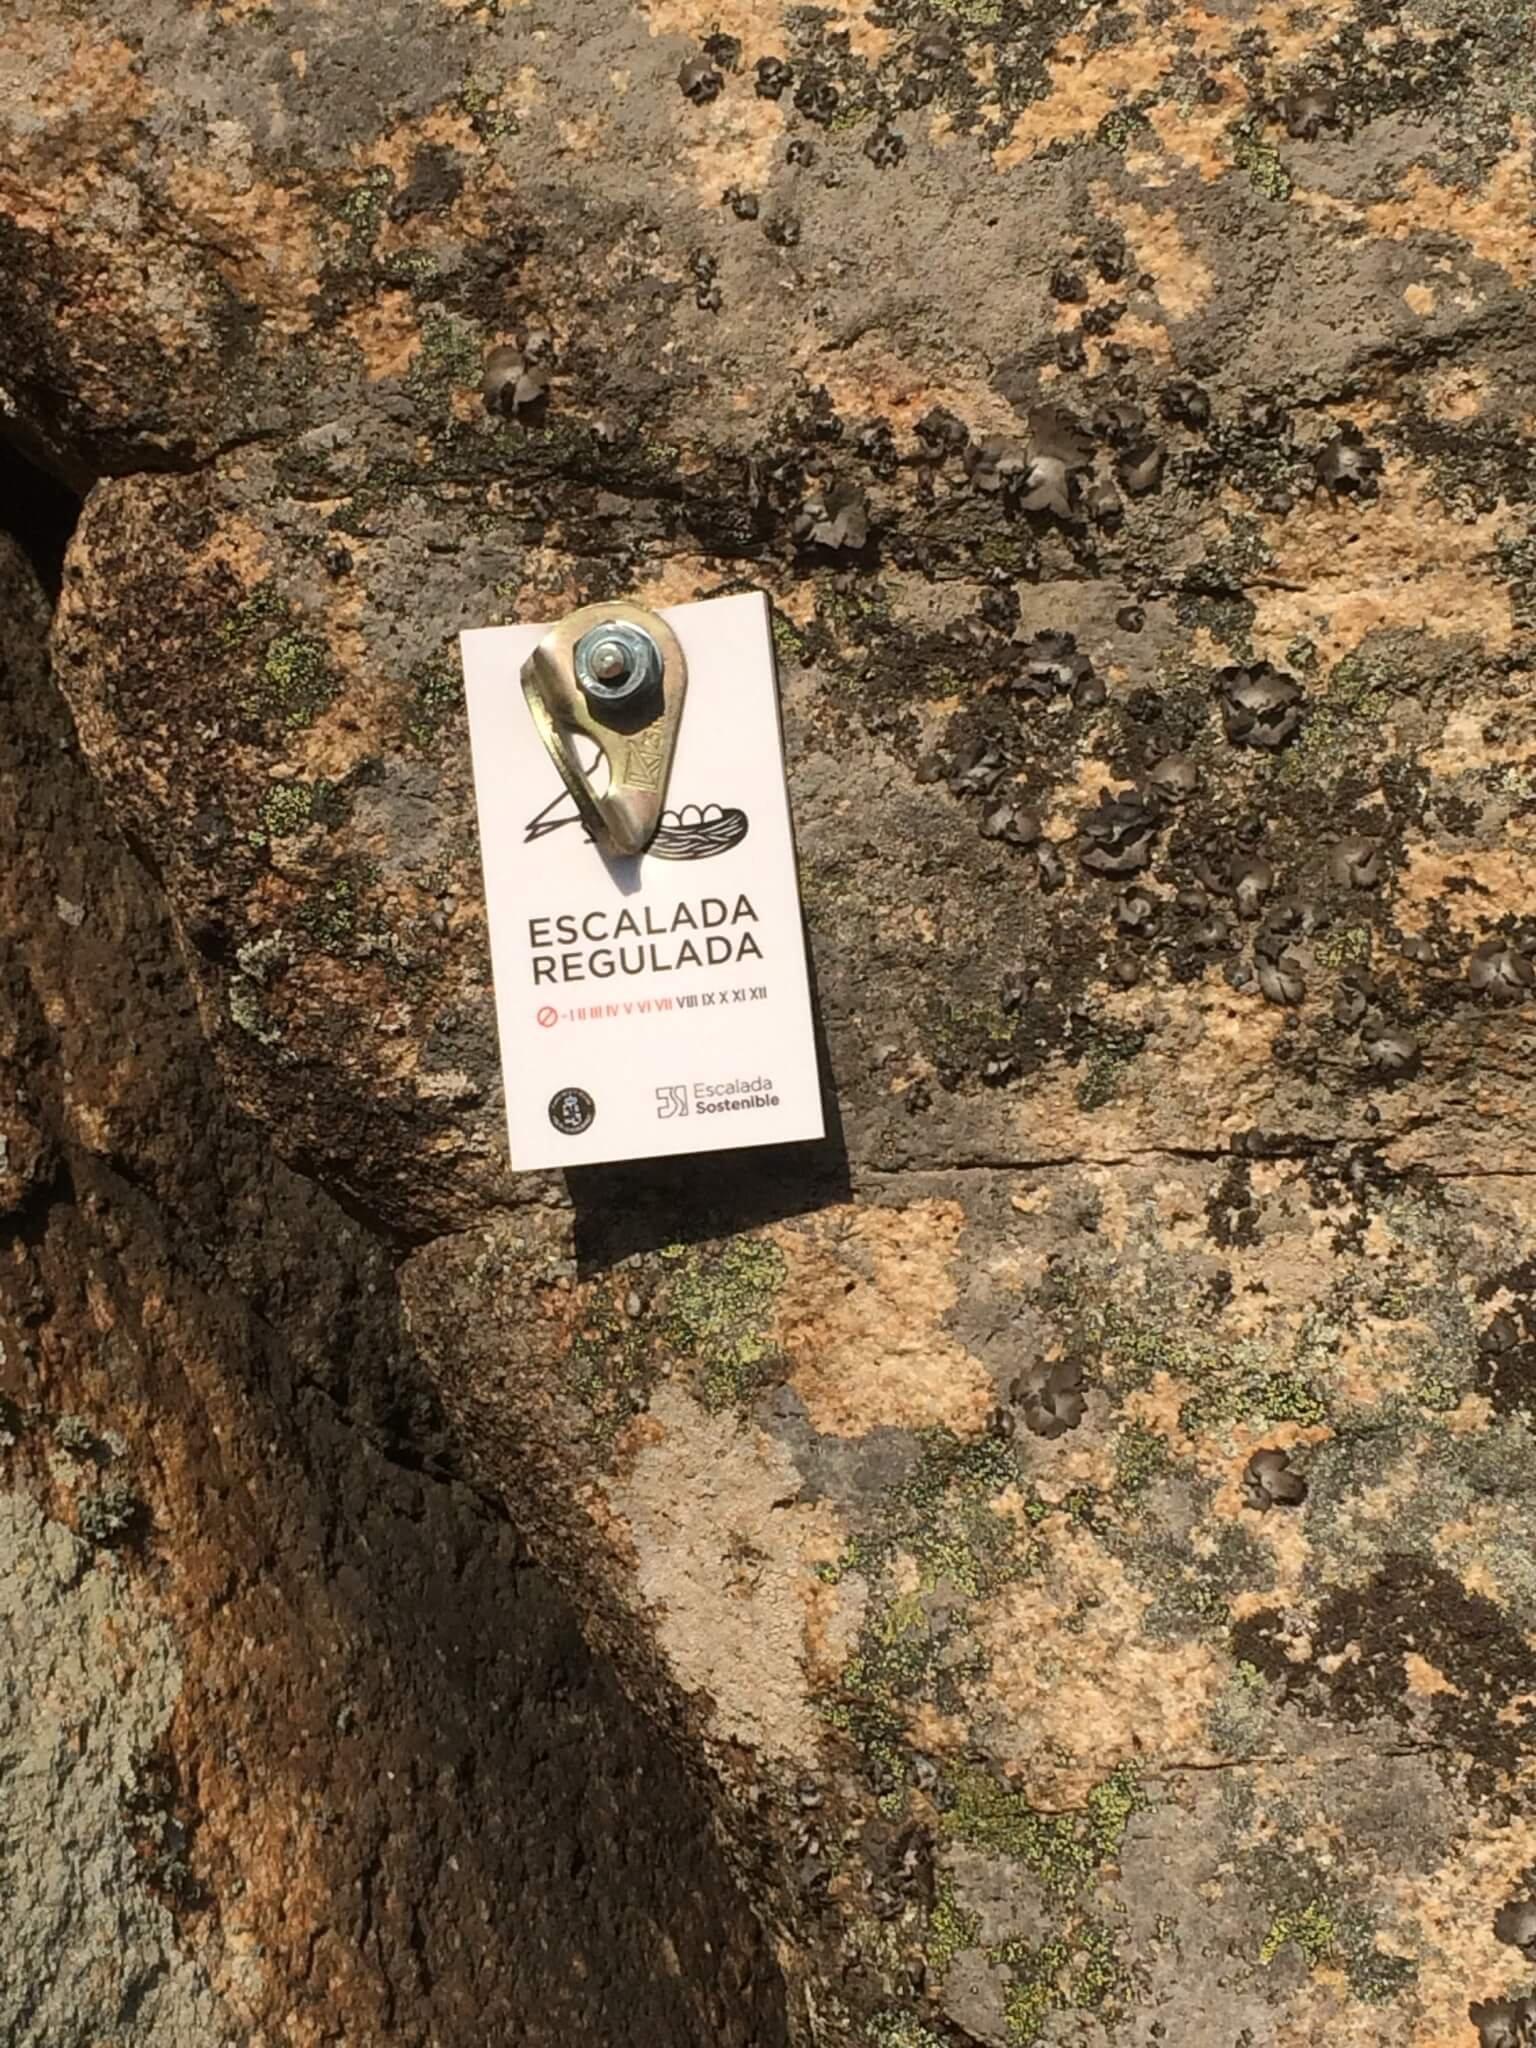 Placa de regulación en la Peña del Tejo (Valdemanco).